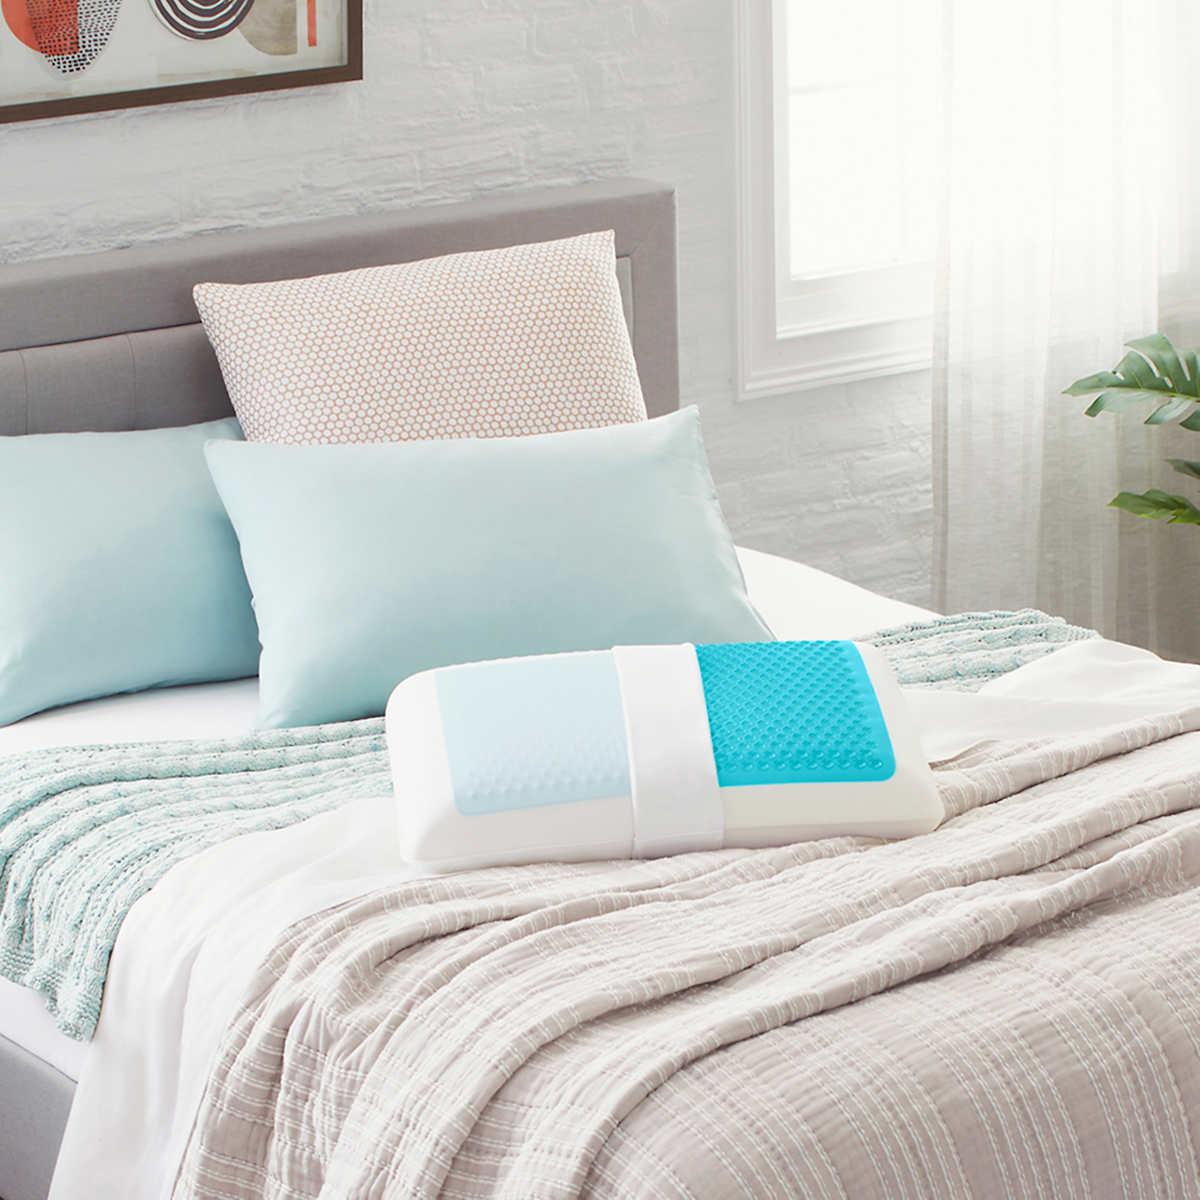 Comfort Revolution Hydraluxe Gel Memory Foam Bed Pillow Standard